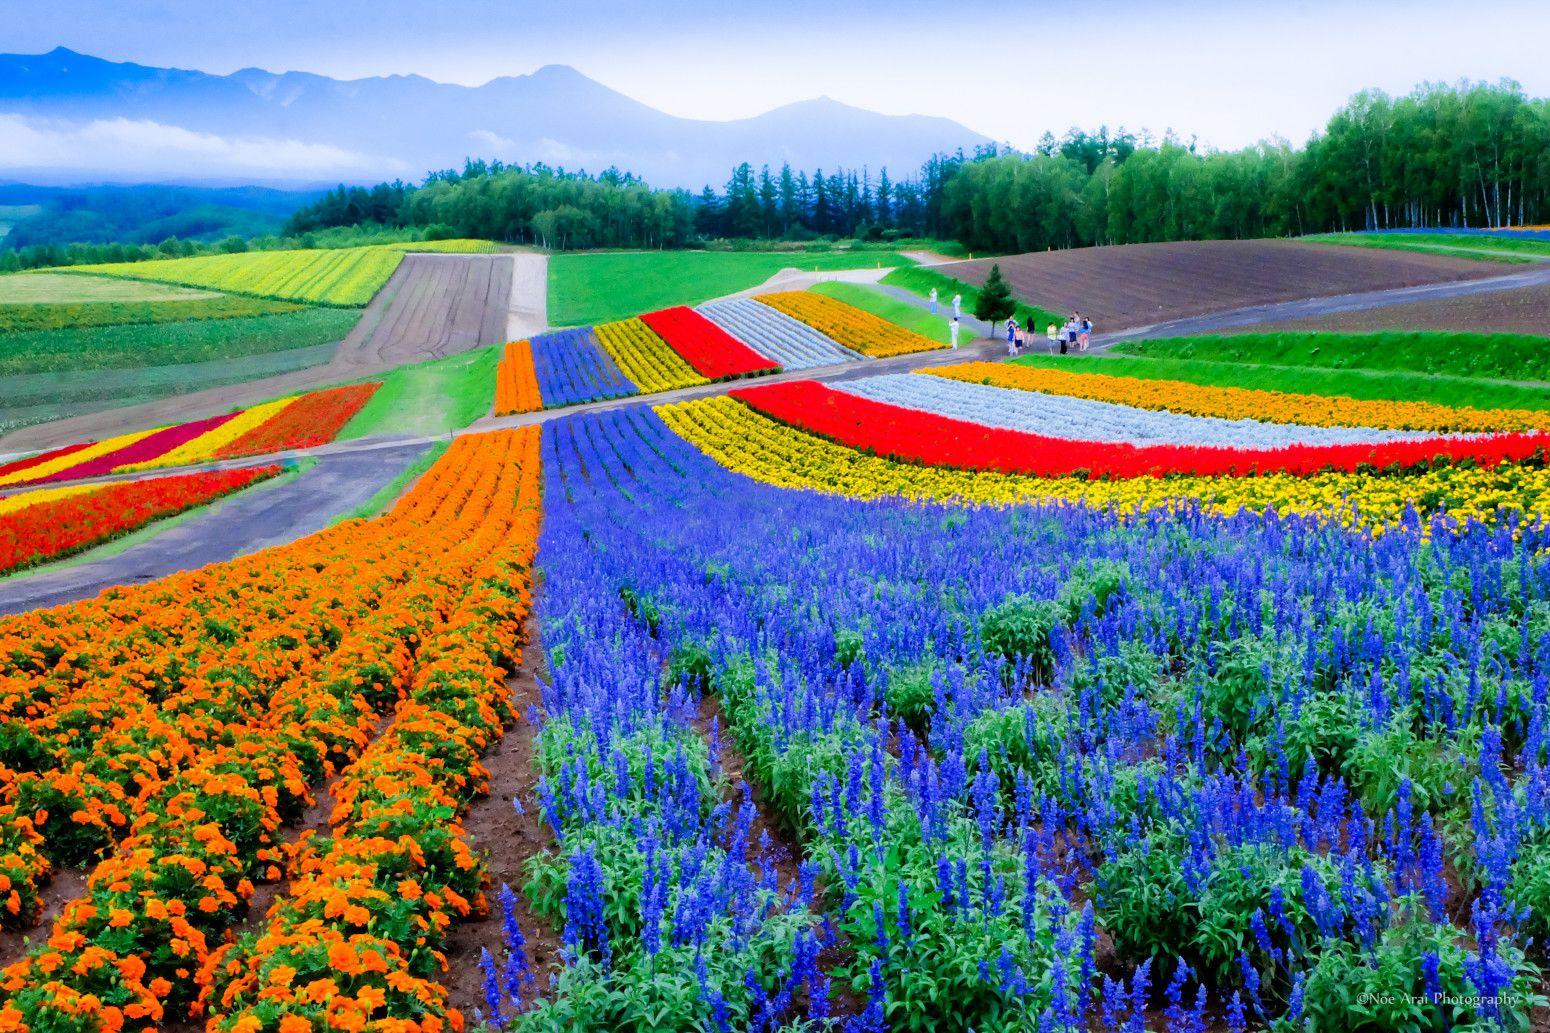 次の旅行先は北海道で決まり!美しすぎる北海道の「花畑」10選                当サイト内のおでかけ情報に関してこのまとめ記事の目次